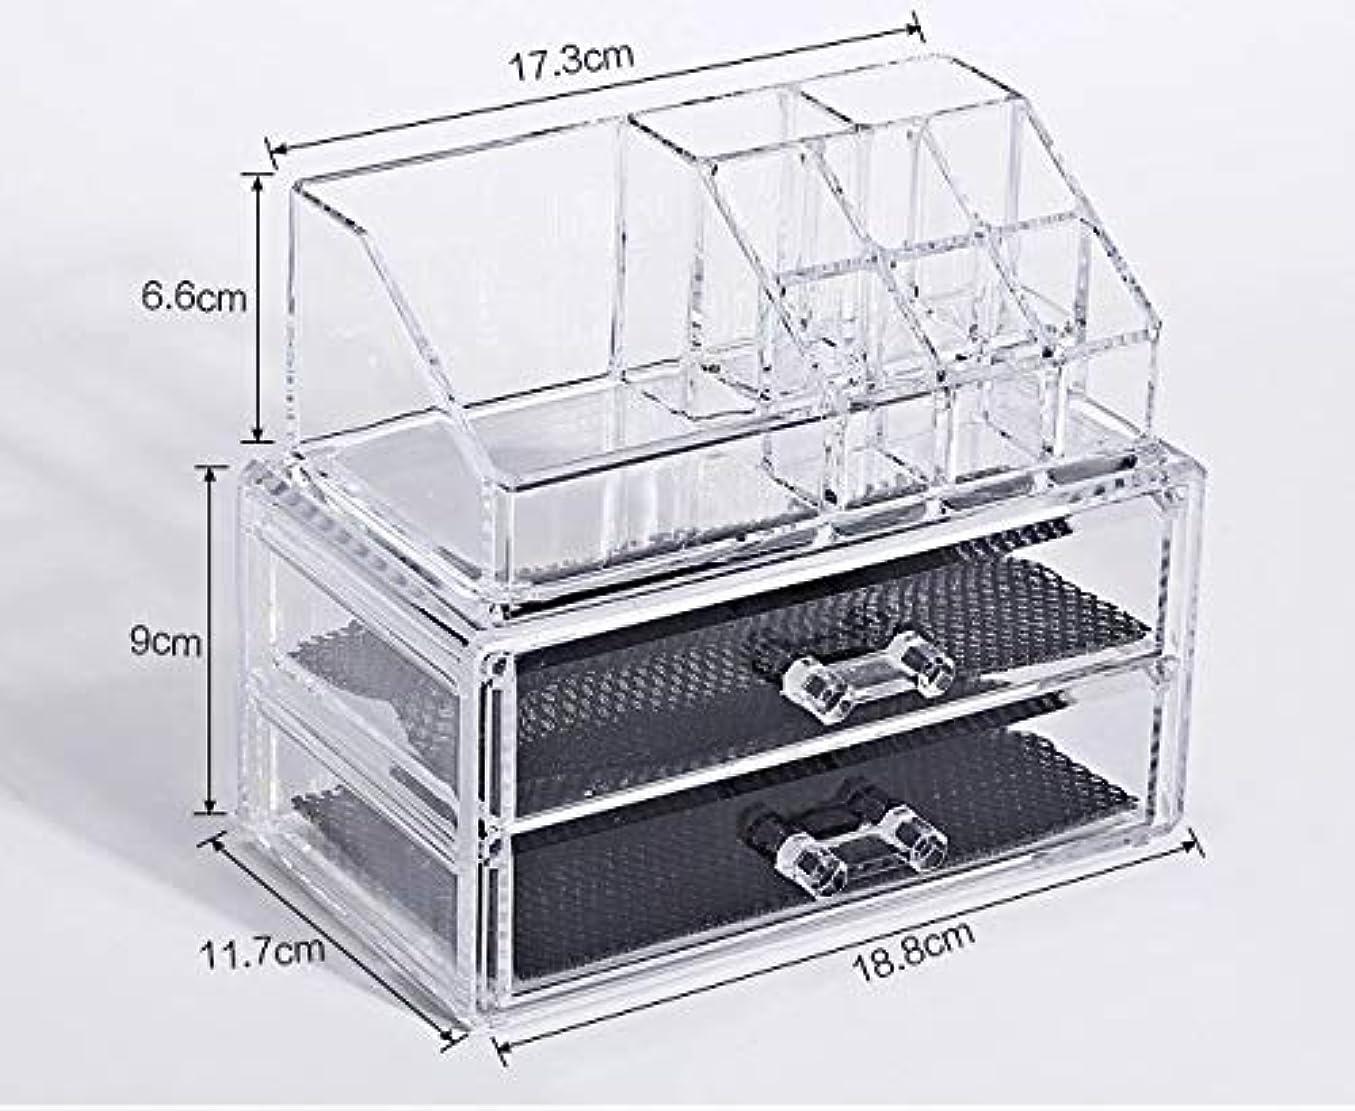 マガジン起業家ぞっとするような化粧品収納ボックス メイクケース メイクボックス コスメボックス 騒音なし 防塵 高透明度 強い耐久性 整理簡単 引き出し小物